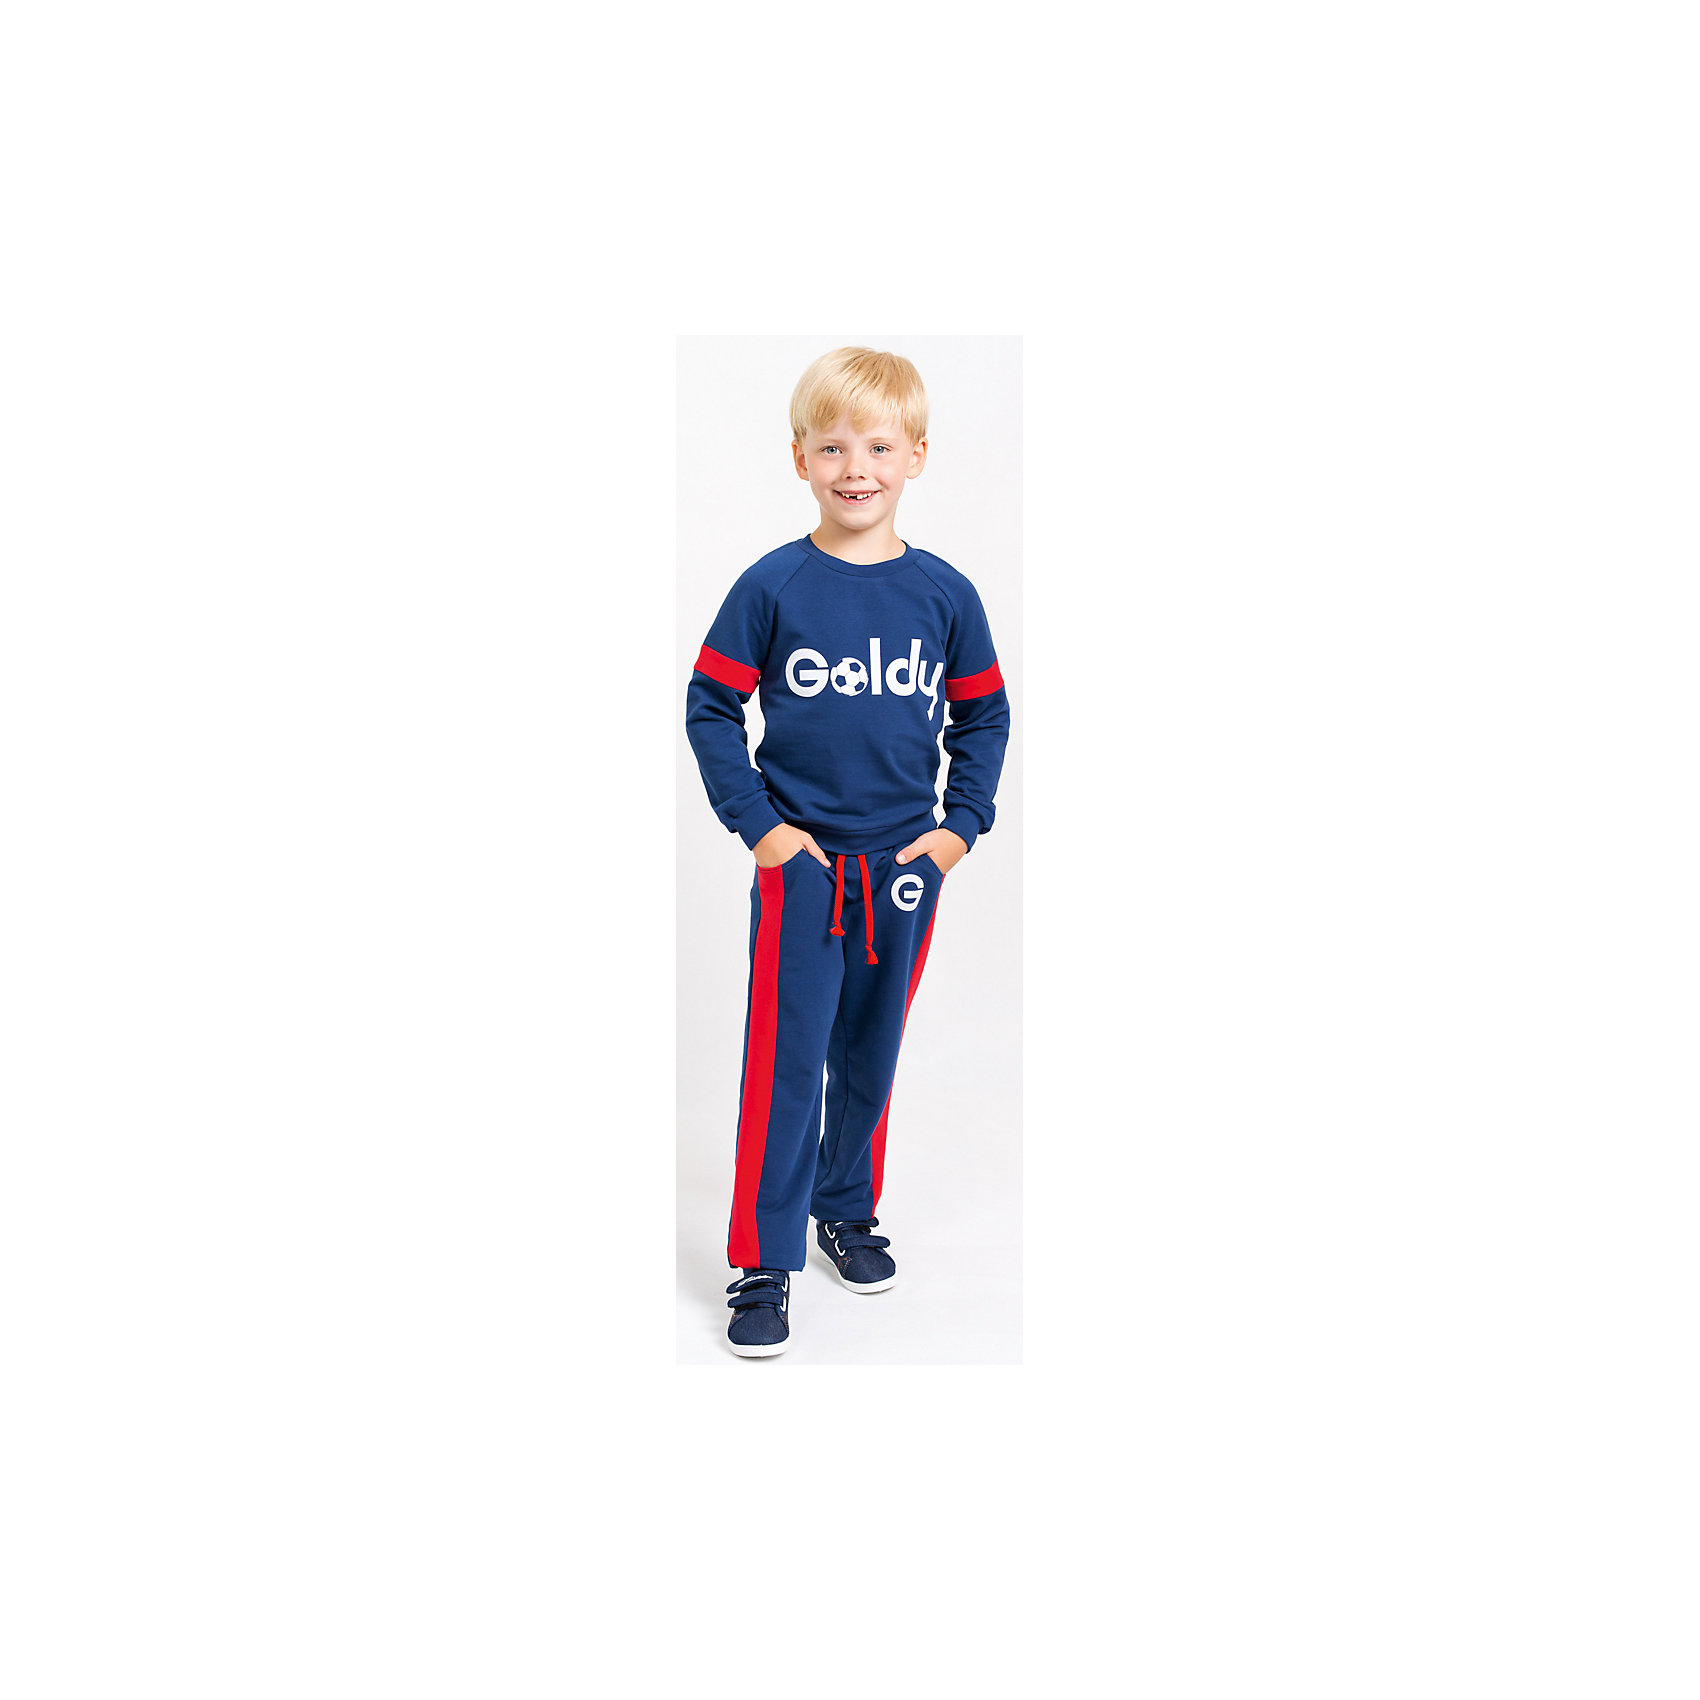 Спортивный костюм для мальчикаСпортивный костюм для мальчика от белорусской марки Goldy. Костюм состоит из толстовки и брюк с манжетами.<br>Состав:<br>футер компакт пенье (70% хлопок, 26% ПЭ, 4% лайкра)<br><br>Ширина мм: 247<br>Глубина мм: 16<br>Высота мм: 140<br>Вес г: 225<br>Цвет: синий/красный<br>Возраст от месяцев: 60<br>Возраст до месяцев: 72<br>Пол: Мужской<br>Возраст: Детский<br>Размер: 116,122,92,98,104,110<br>SKU: 4921132